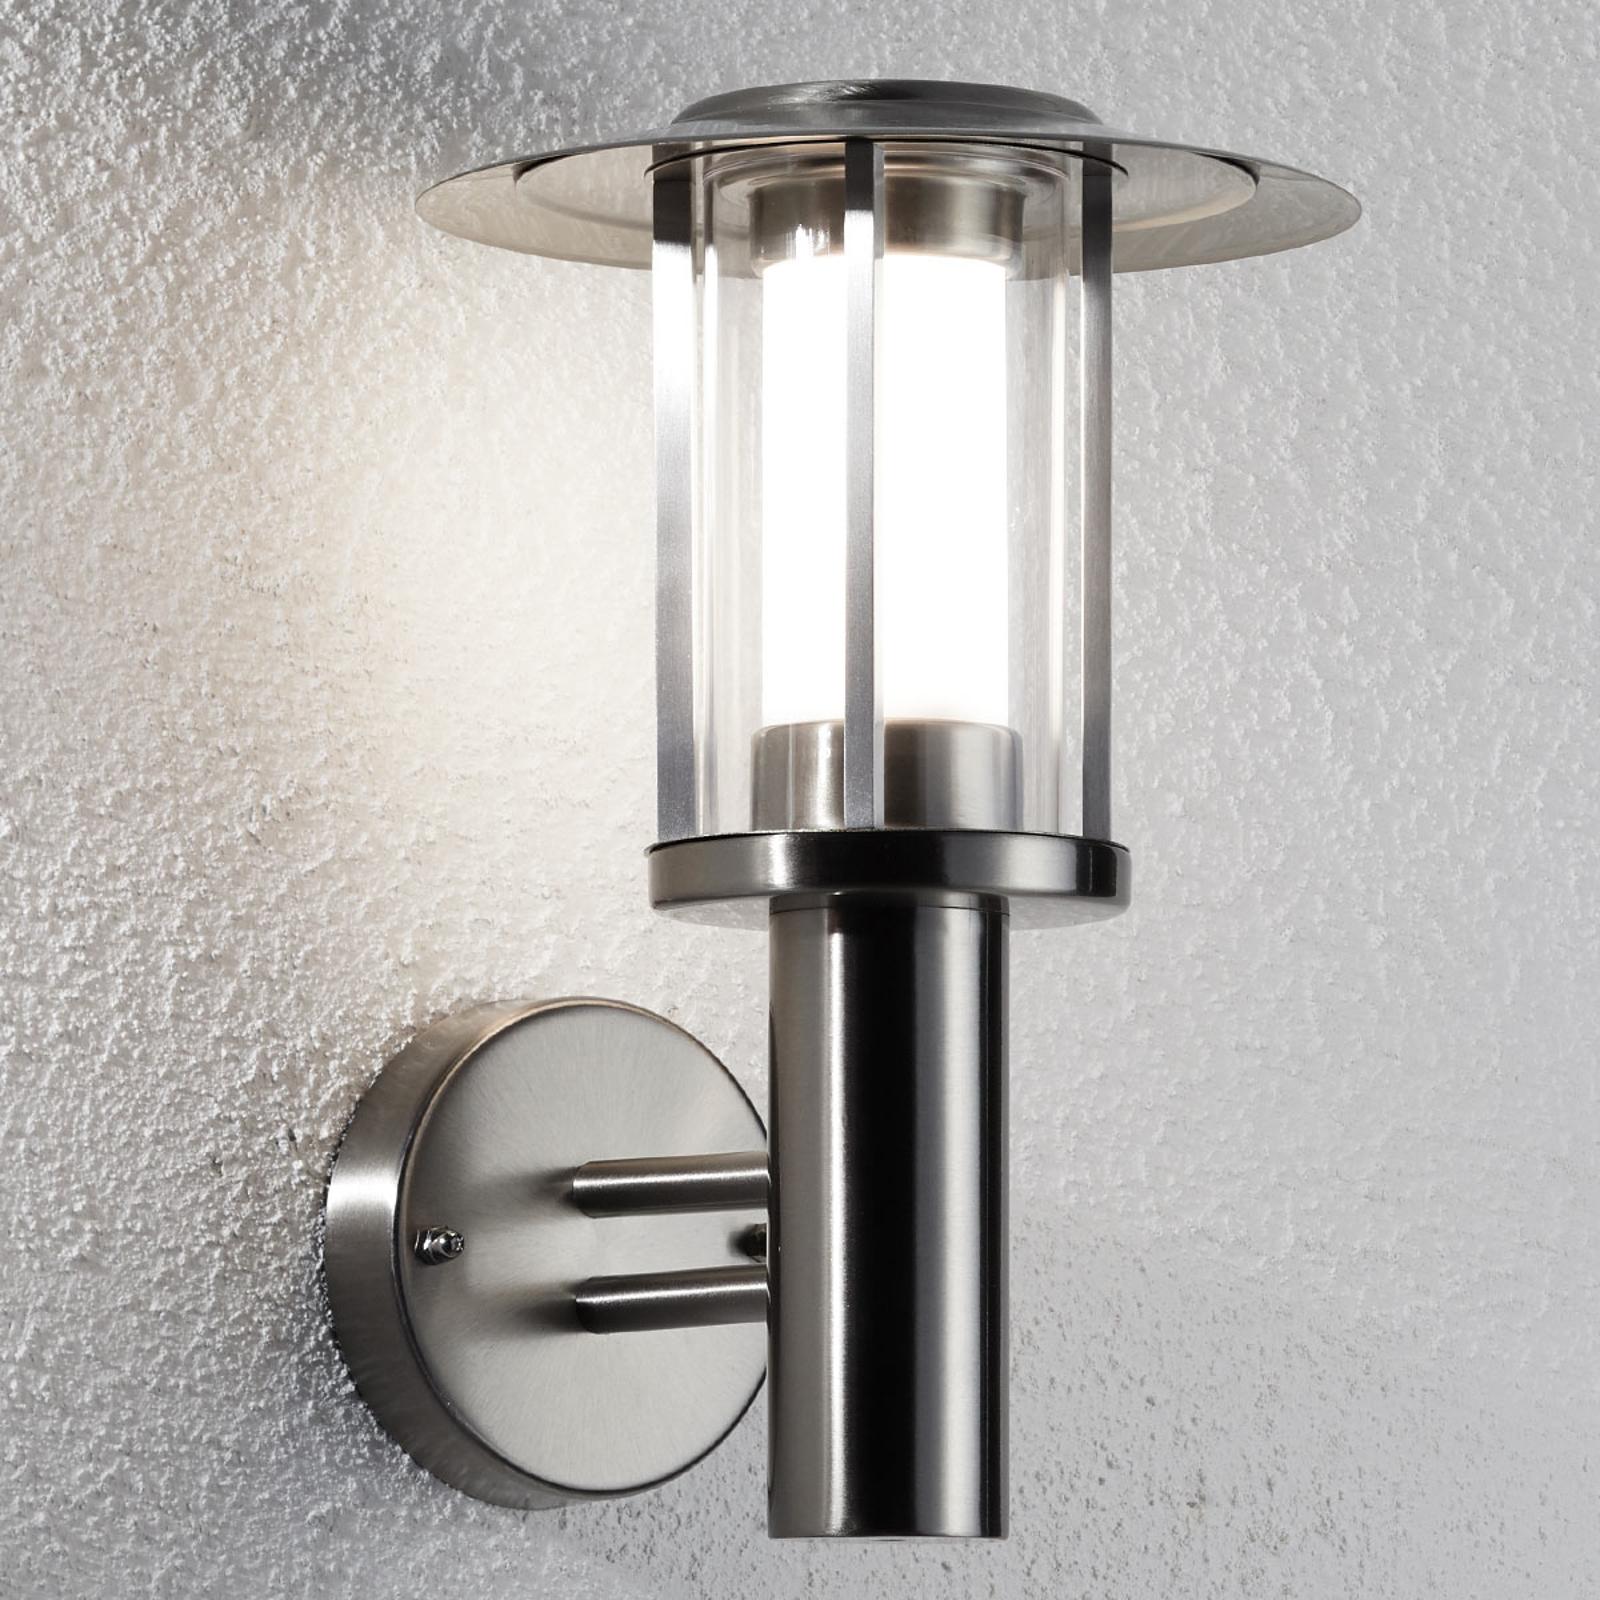 Utendørs LED-vegglampe Gregory rustrfritt stål